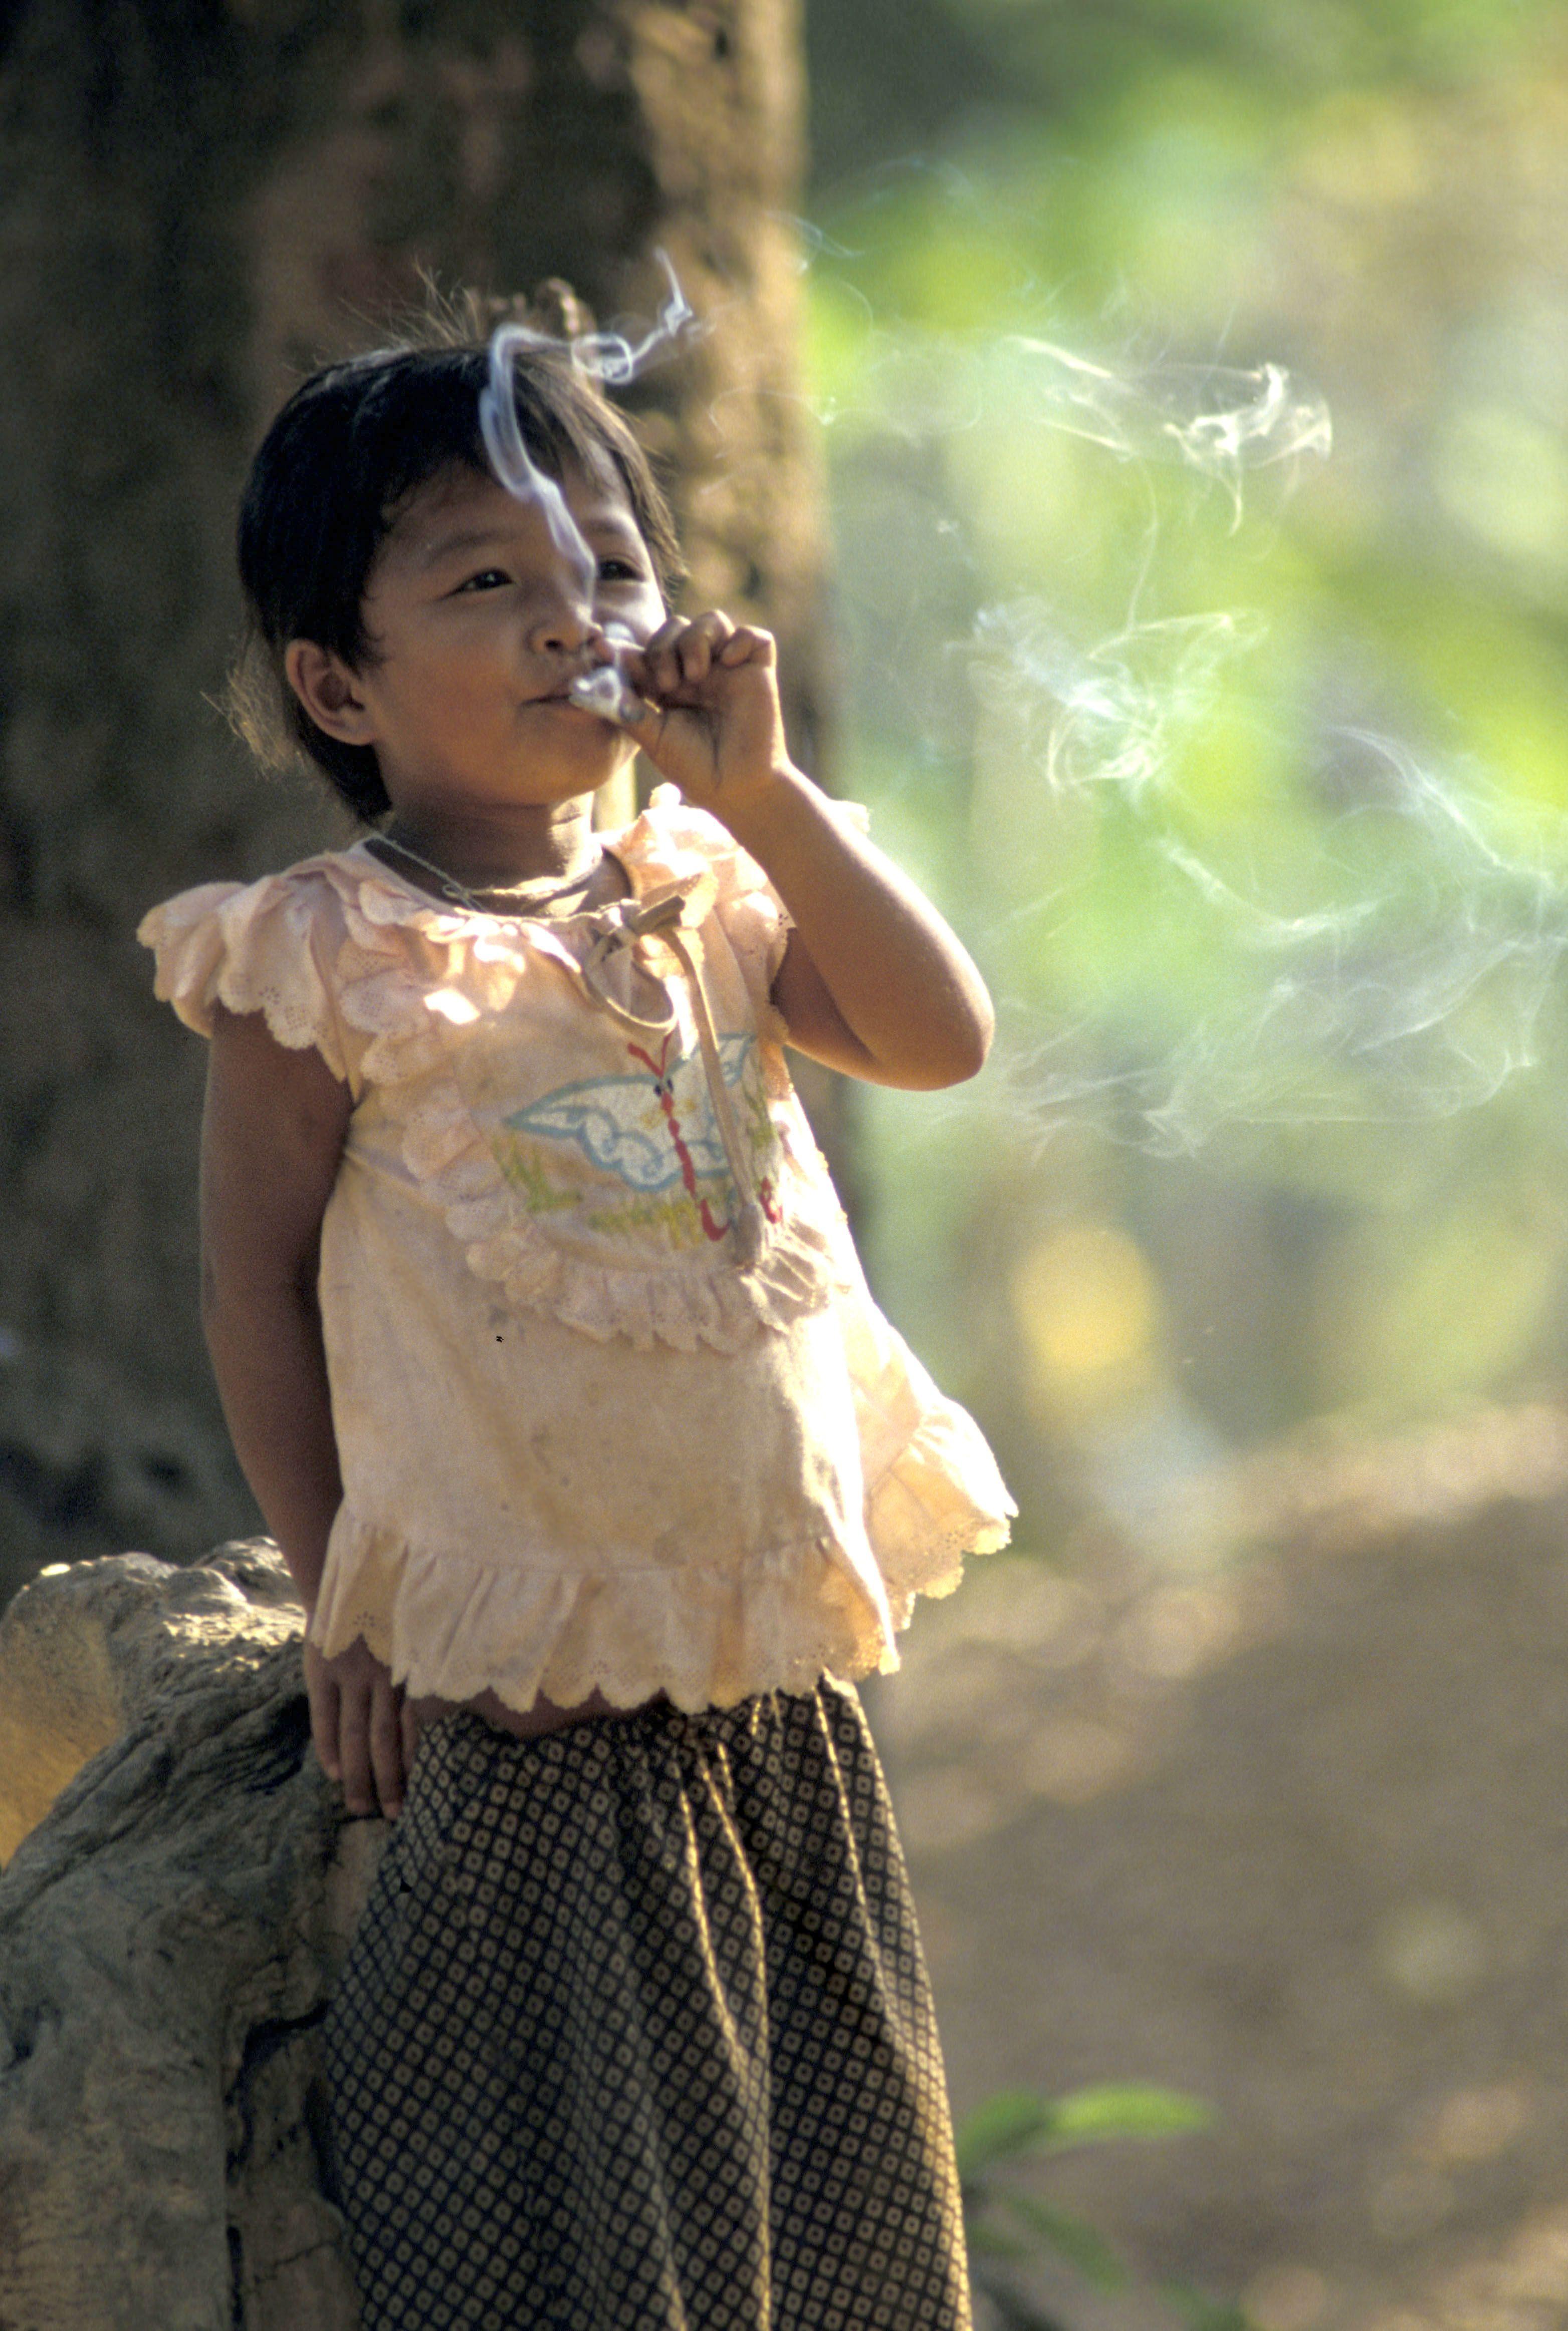 Скачать бесплатно пизду молодой девочки фото 29-450